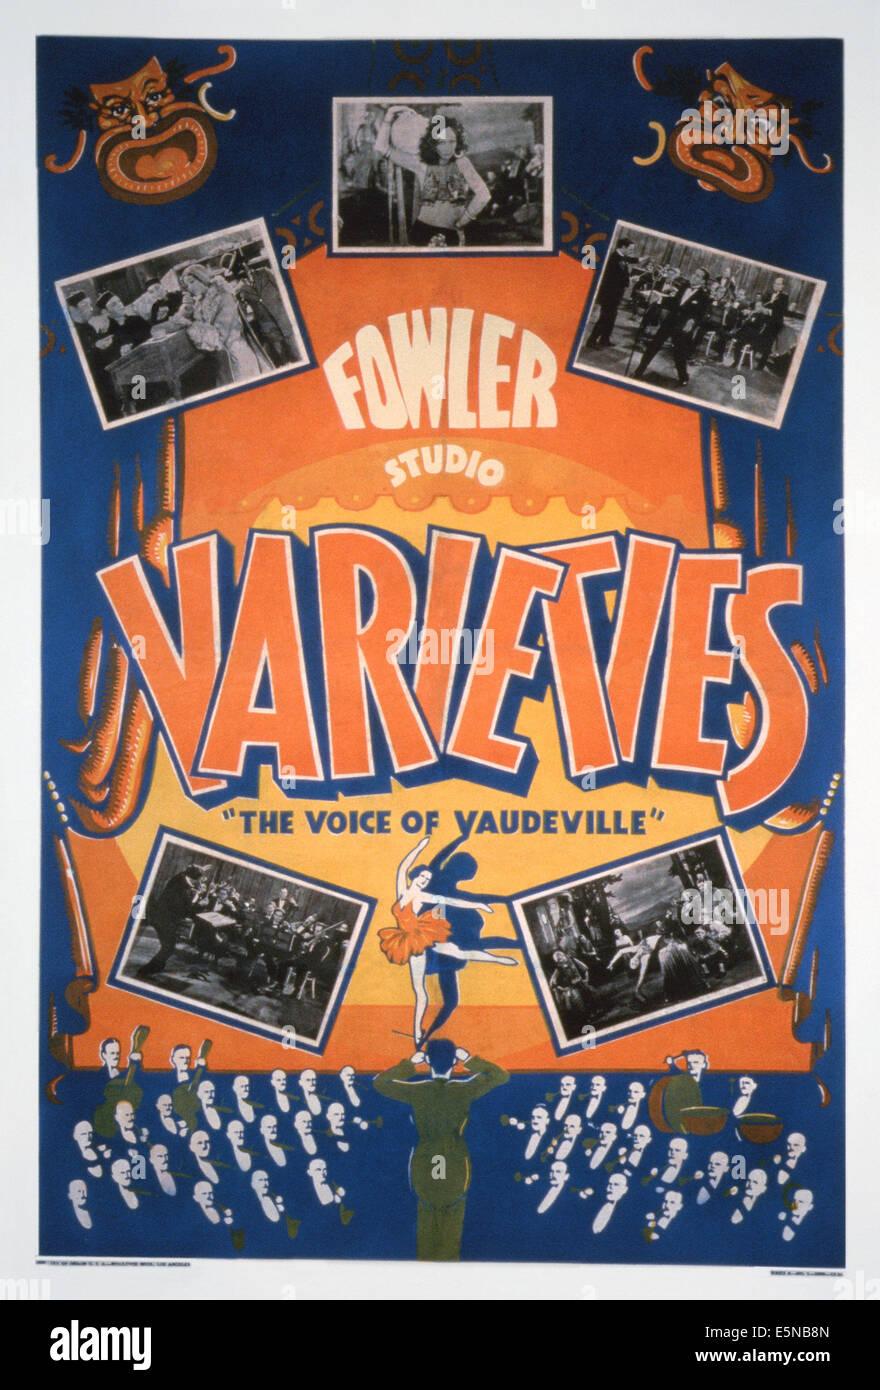 FOWLER STUDIO Sorten: Die Stimme des VAUDEVILLE, US Plakatkunst, ca. 1930er Jahre Stockbild